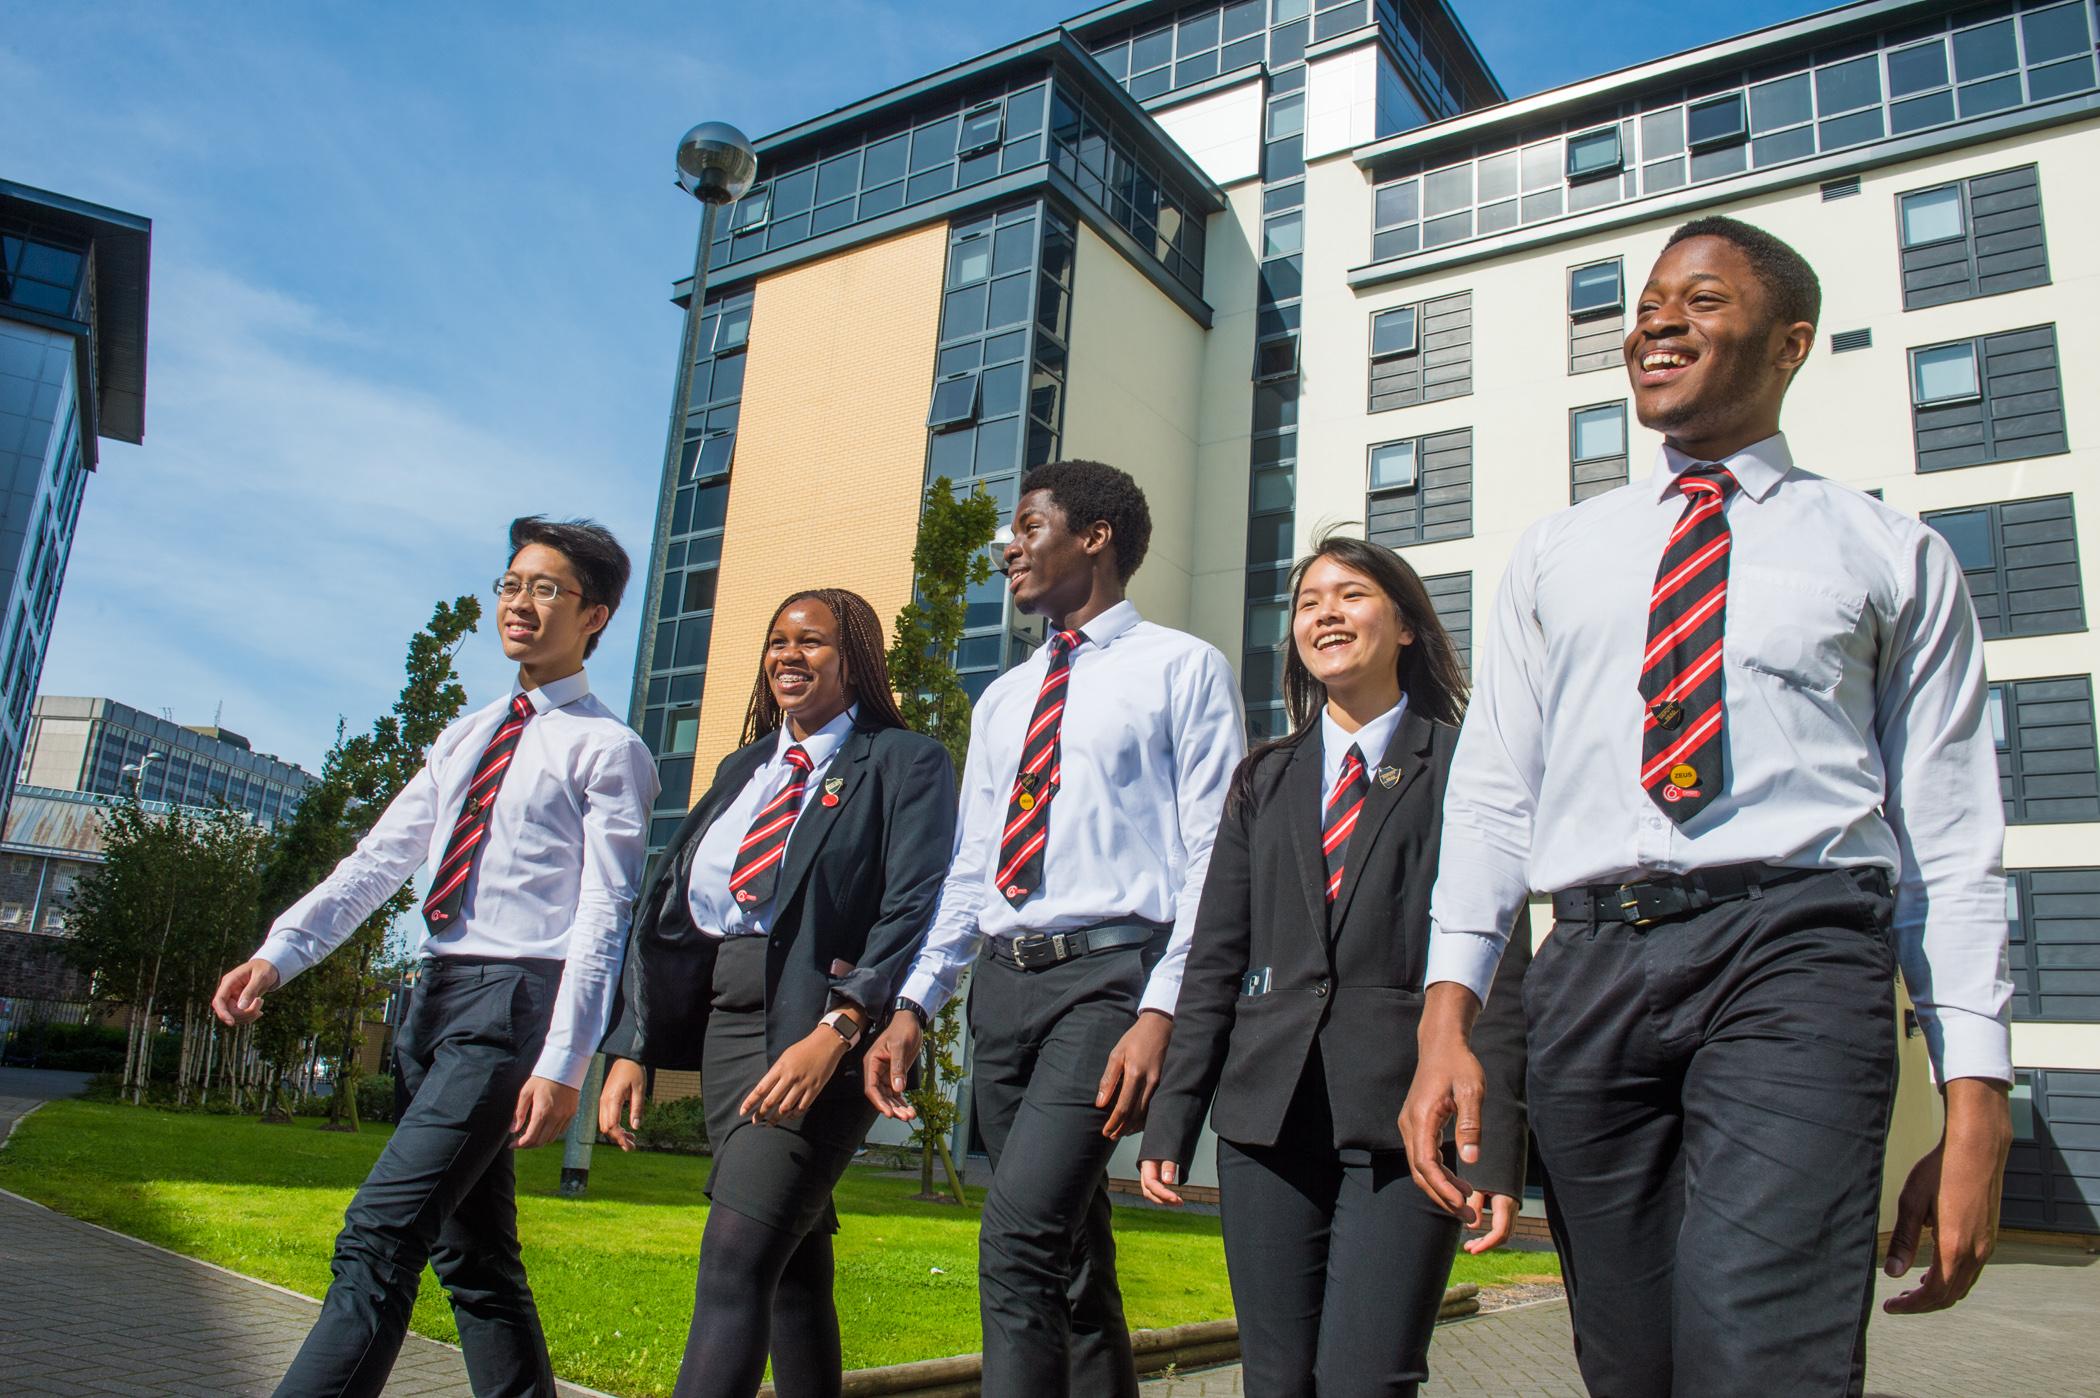 【英国升学】选读「 A工厂」英国寄宿学校 入「牛剑」机会高